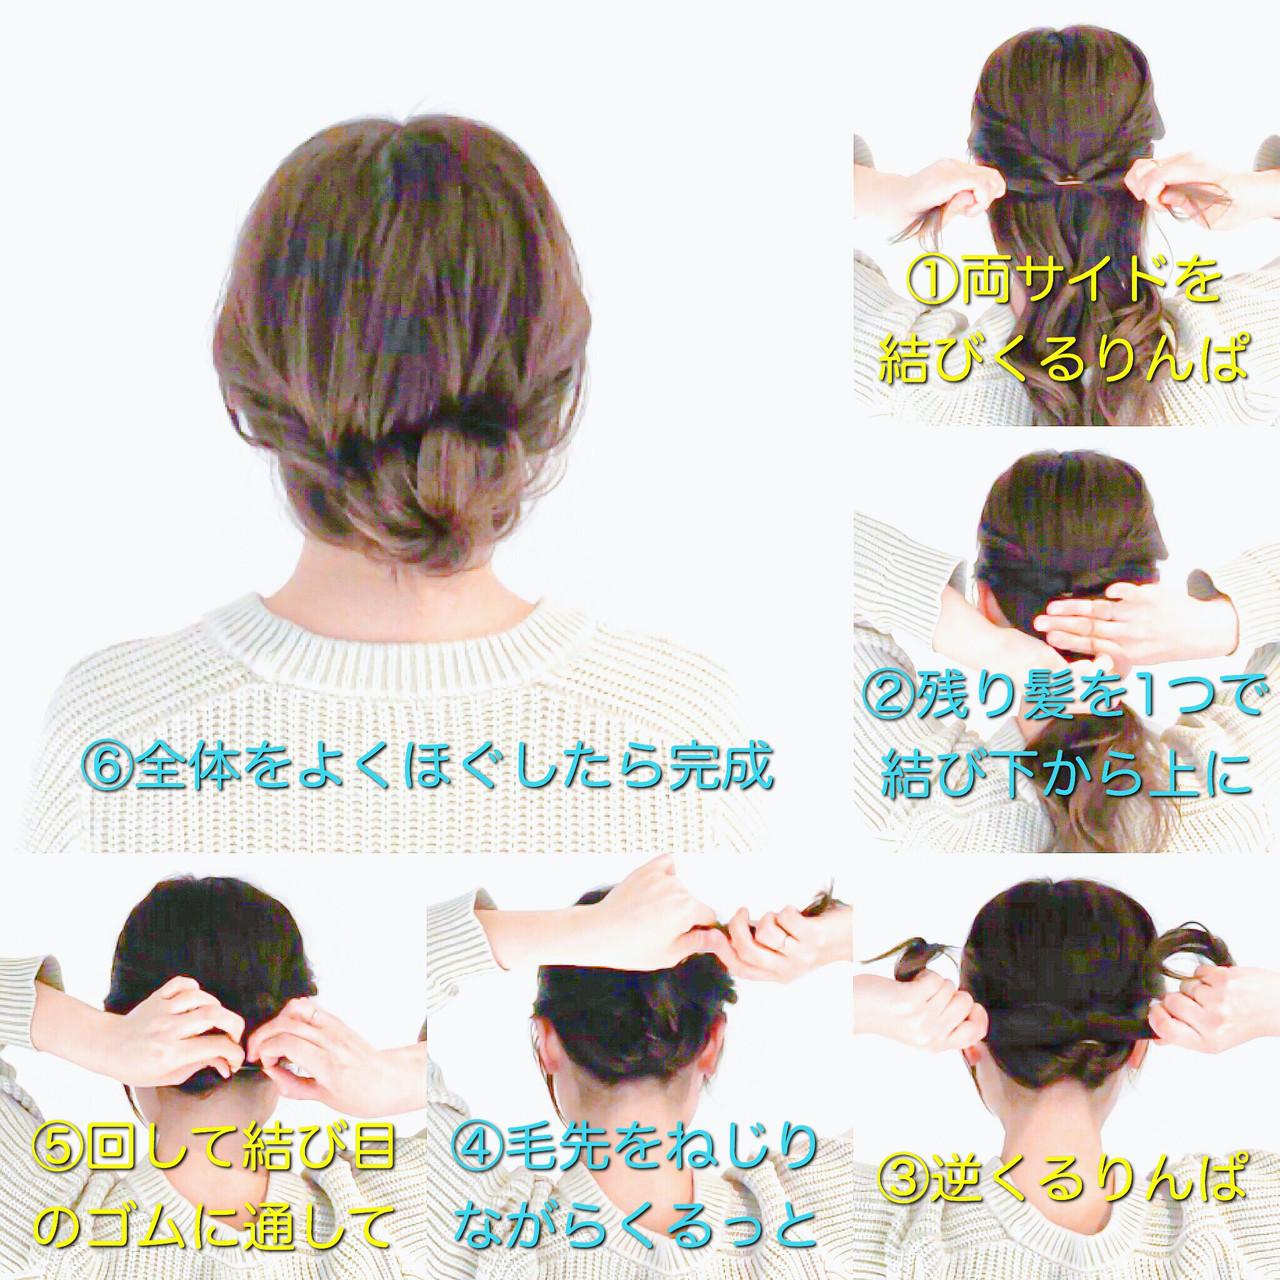 上品さも華やかさも兼ね備えたシニヨン 美容師HIRO/Amoute代表